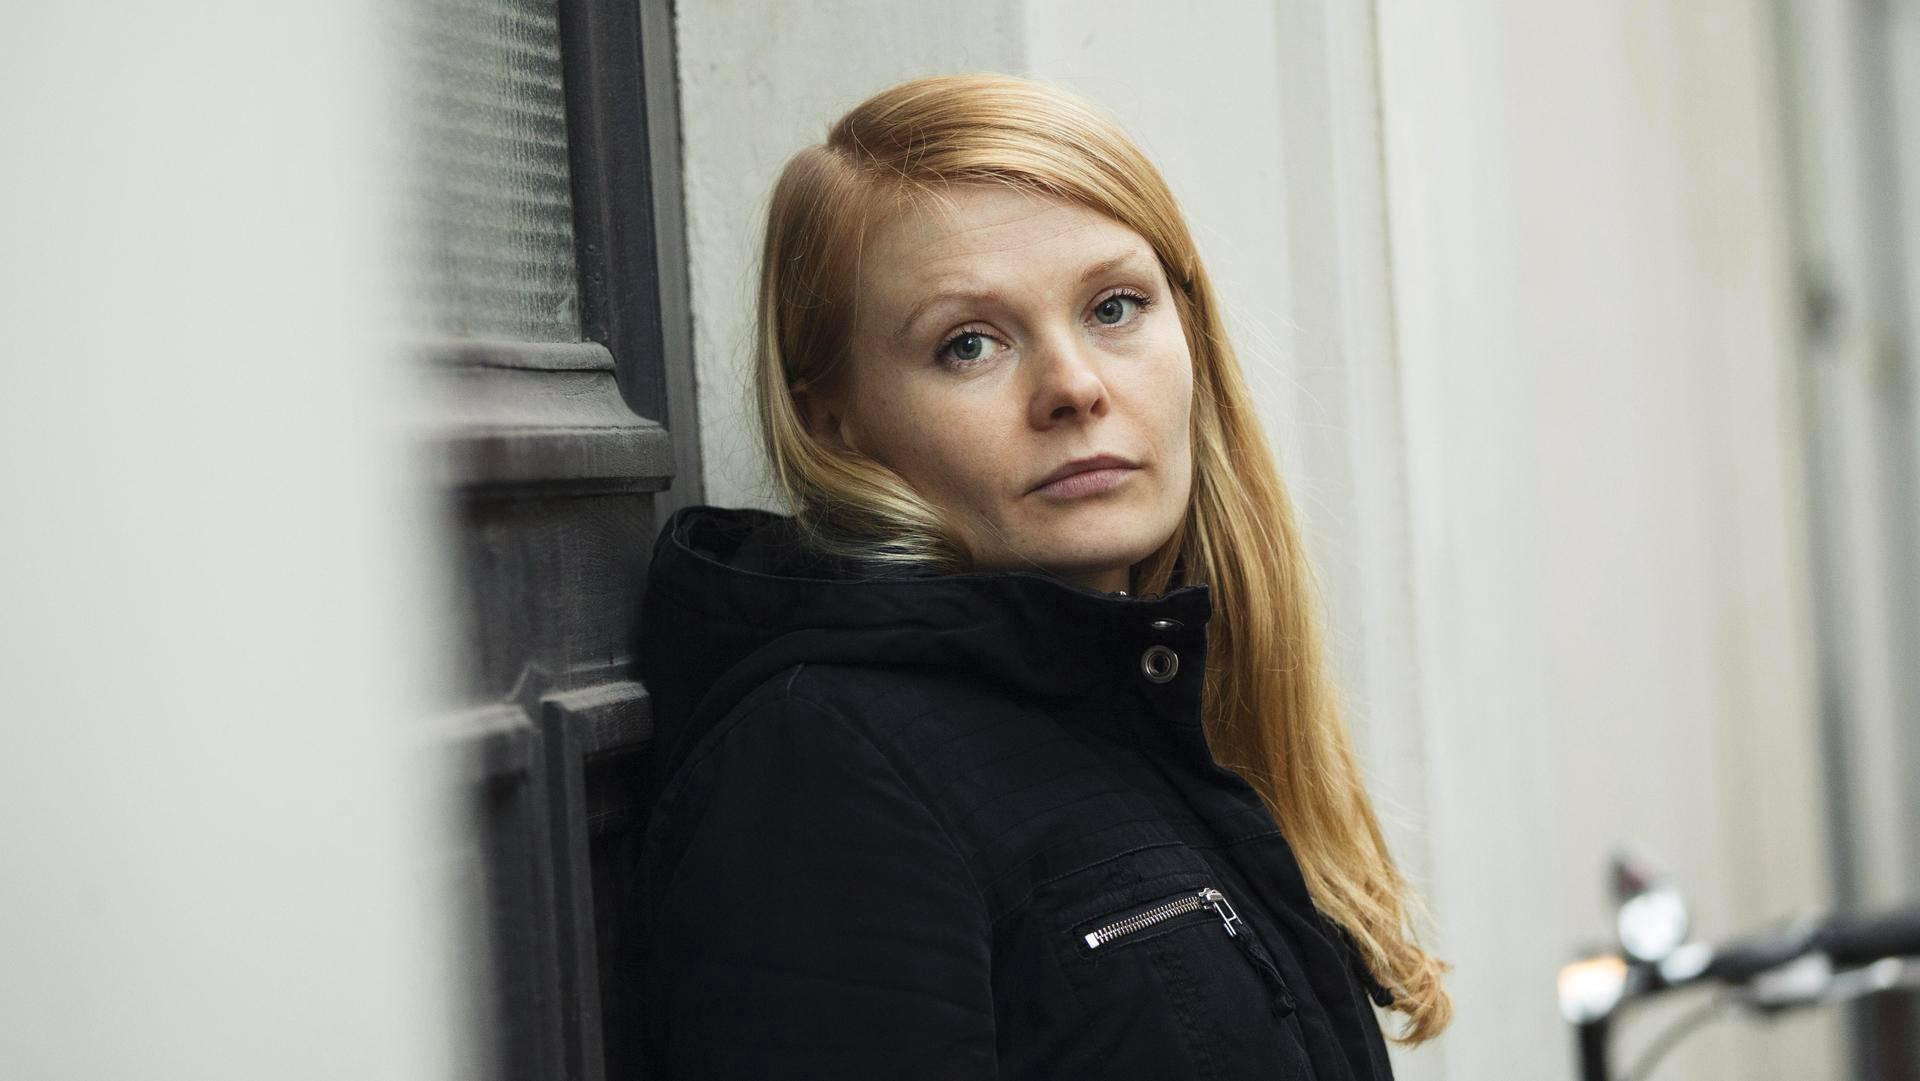 ruotsalaiset naiset etsii miestä karlstad